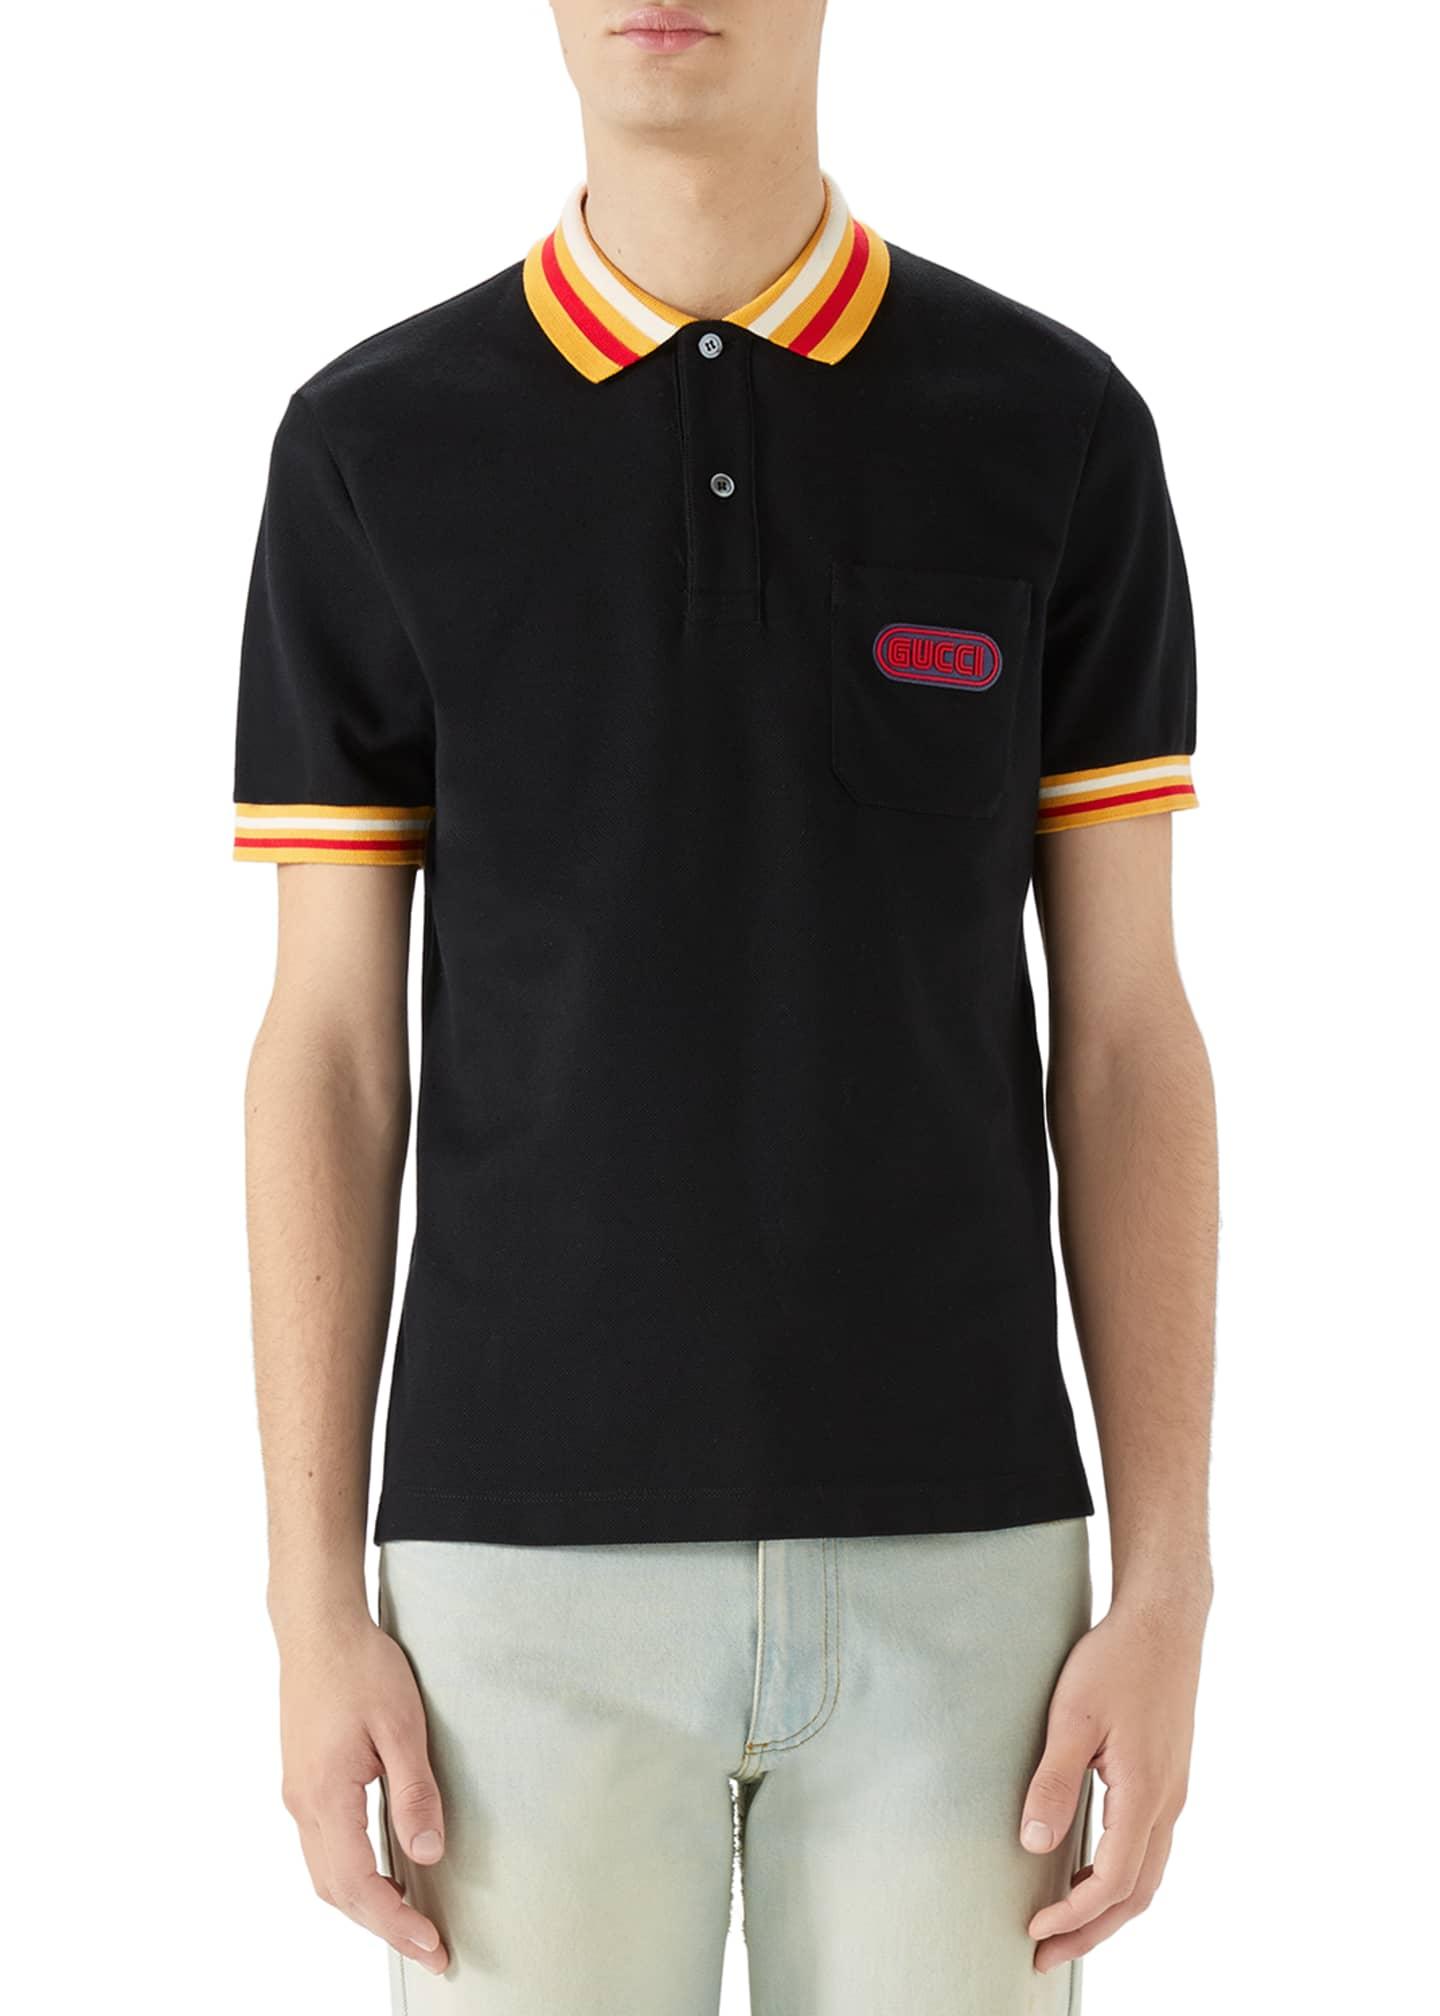 Gucci Men's Piqué-Knit Polo Shirt with Contrast Color